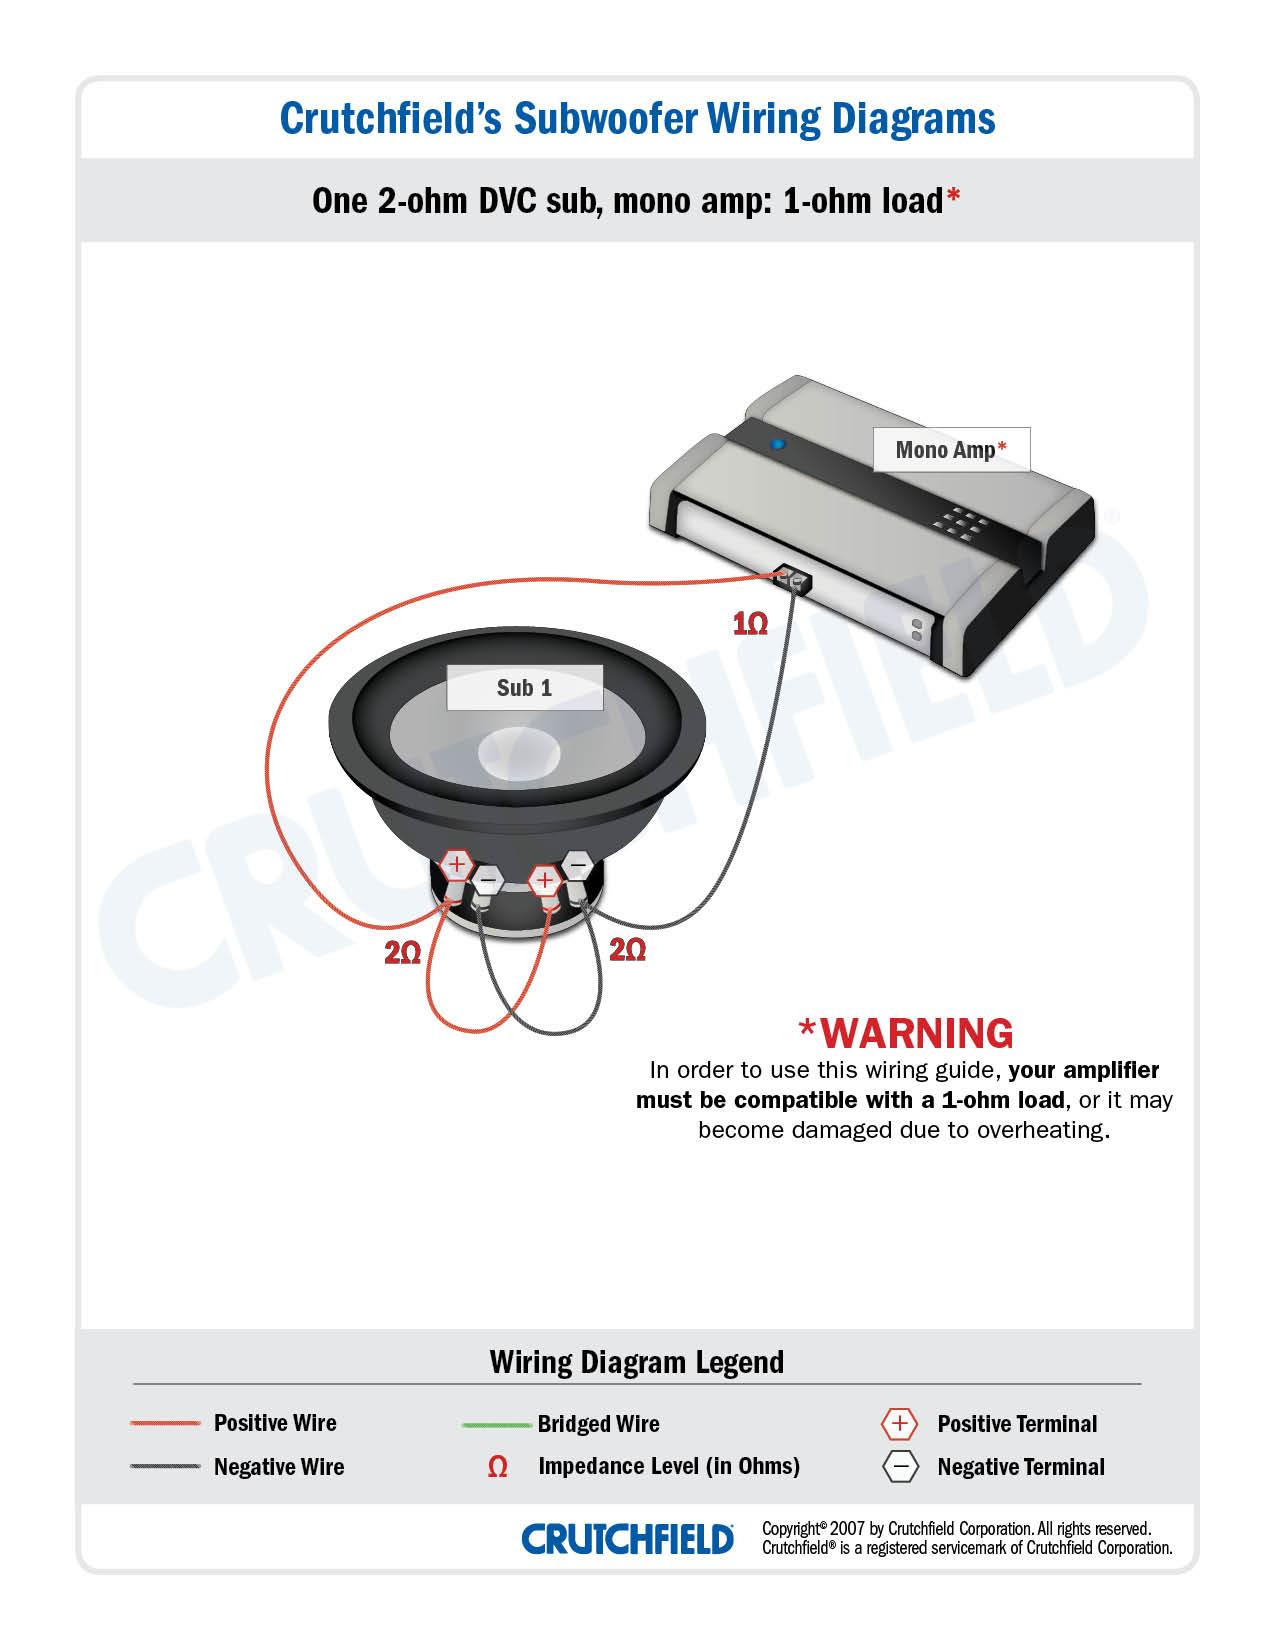 single dvc sub wiring diagram